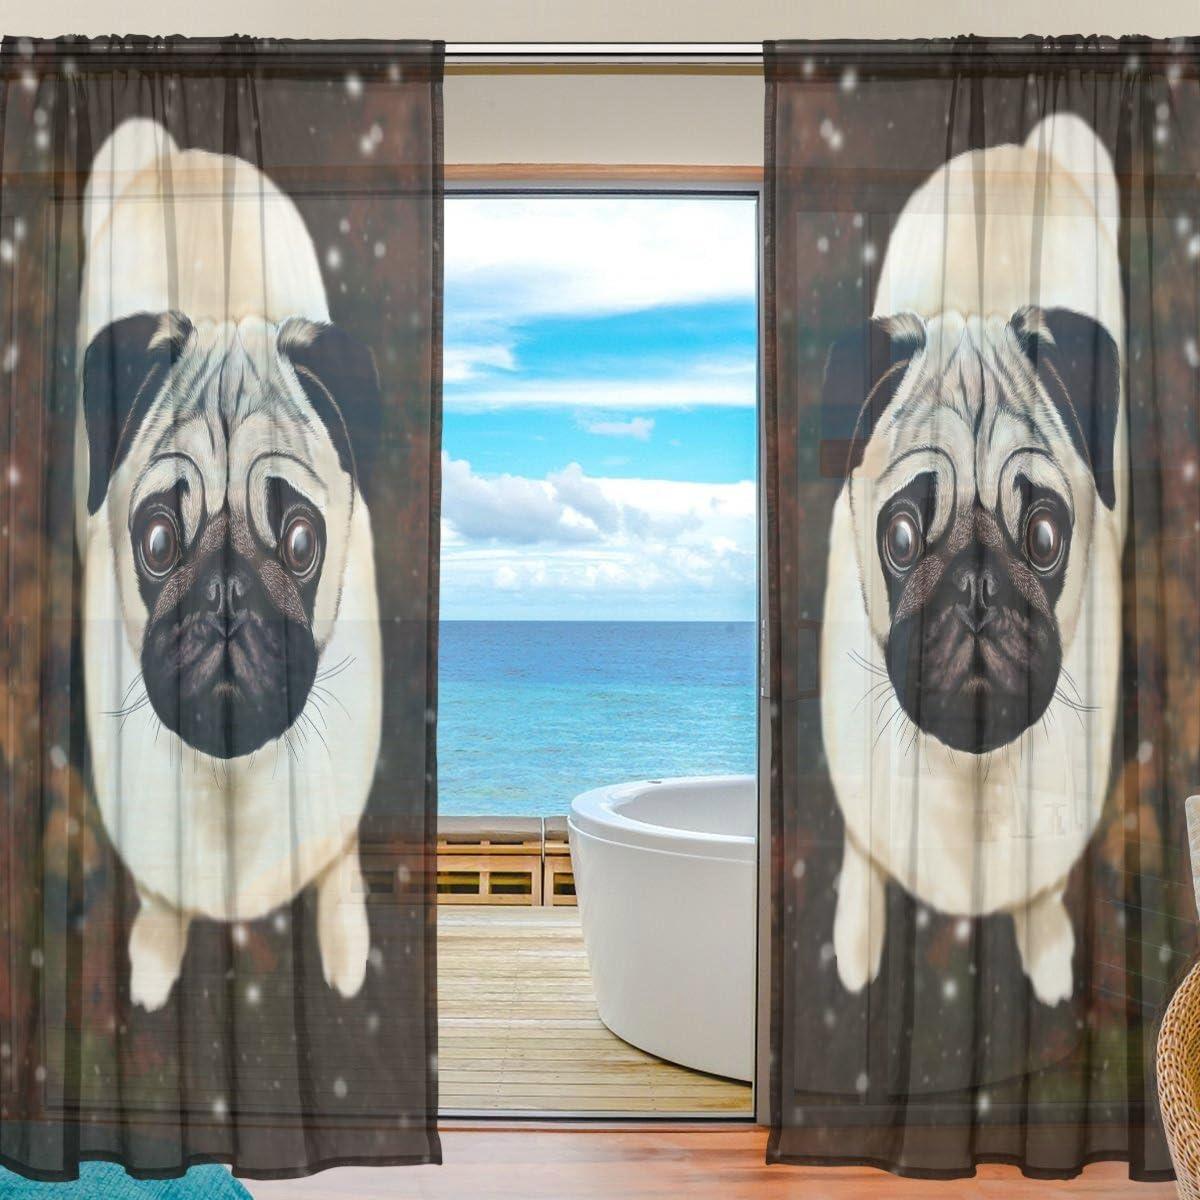 """seulifeウィンドウ薄手のカーテン、可愛い動物パグ犬アートペイントボイルカーテンドレープドアキッチンリビングルームベッドルーム55 x 78インチ2パネル 55""""x 78"""" g3911267p112c126s167"""